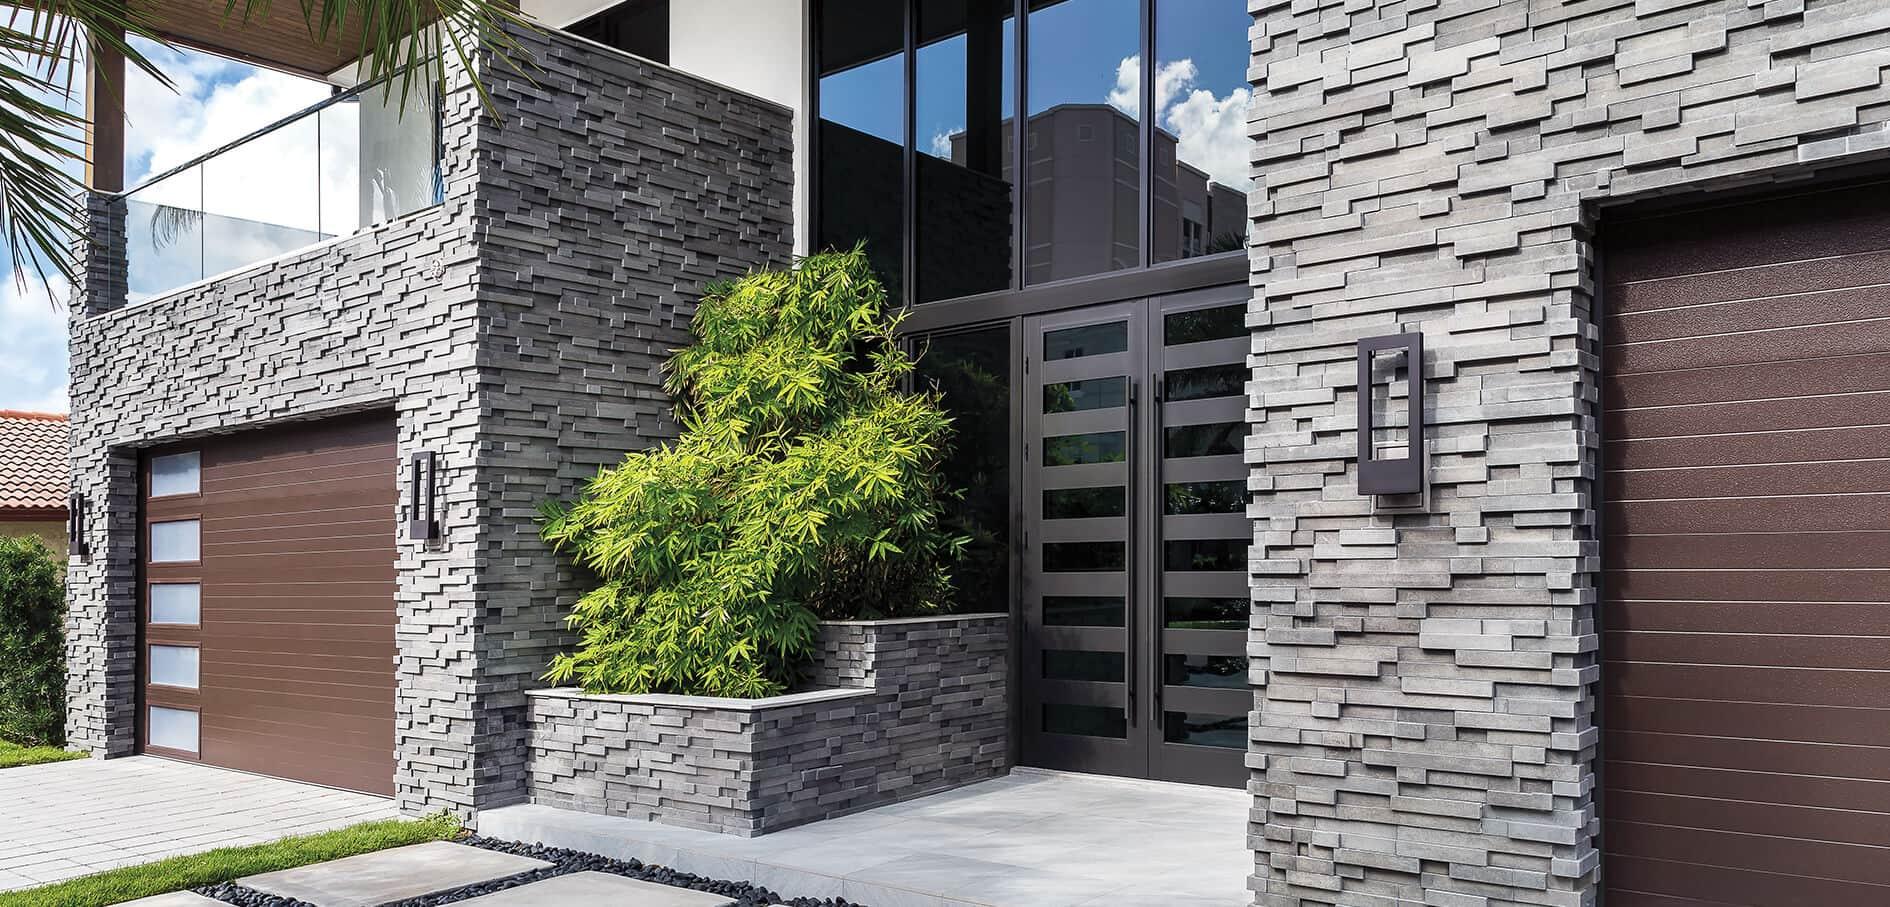 Fachadas de casas con piedra - Decoracion de fachadas ...